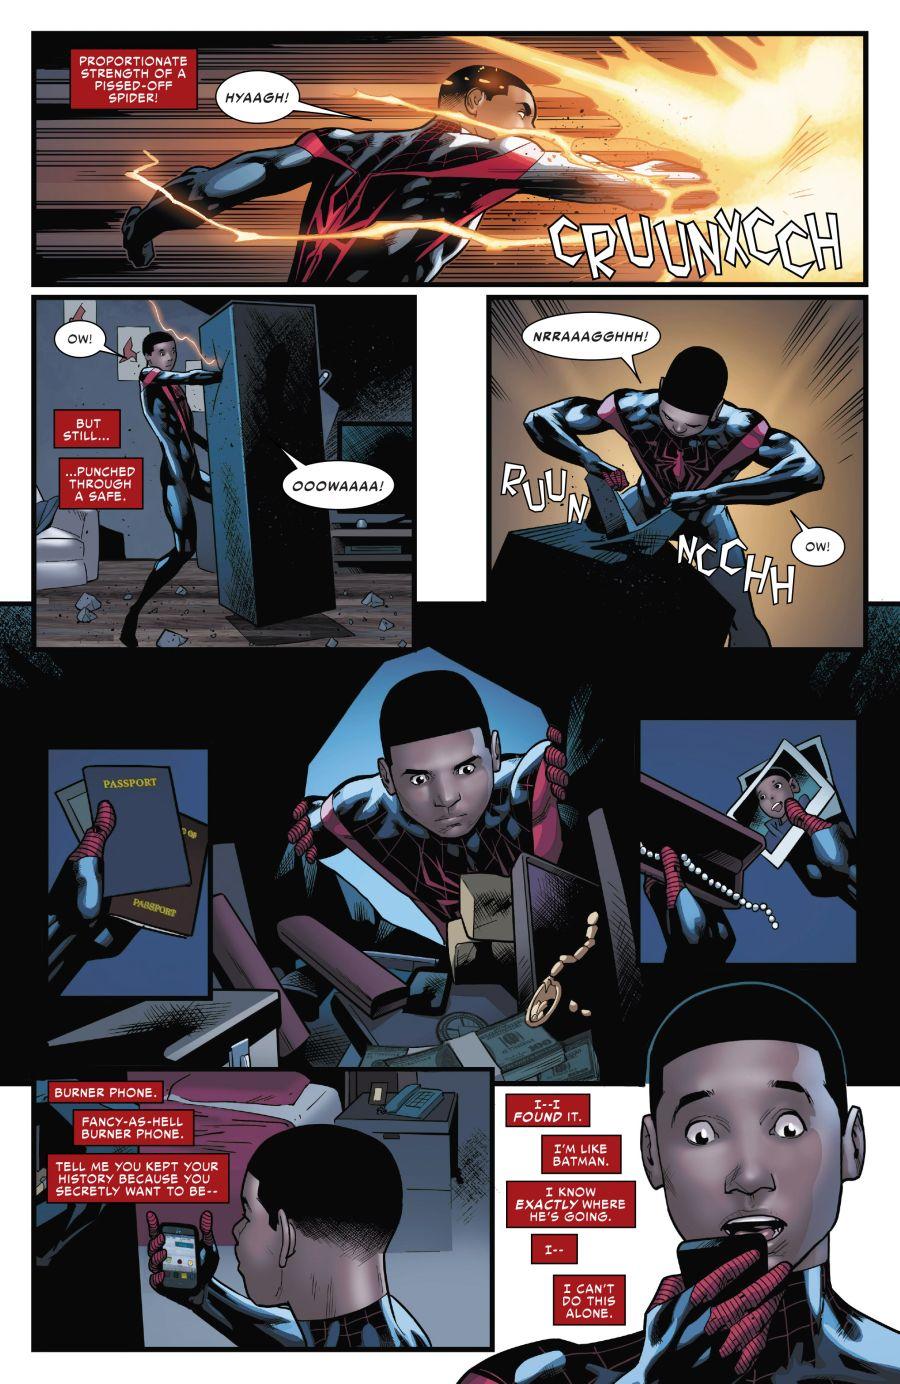 Spider-Man #239